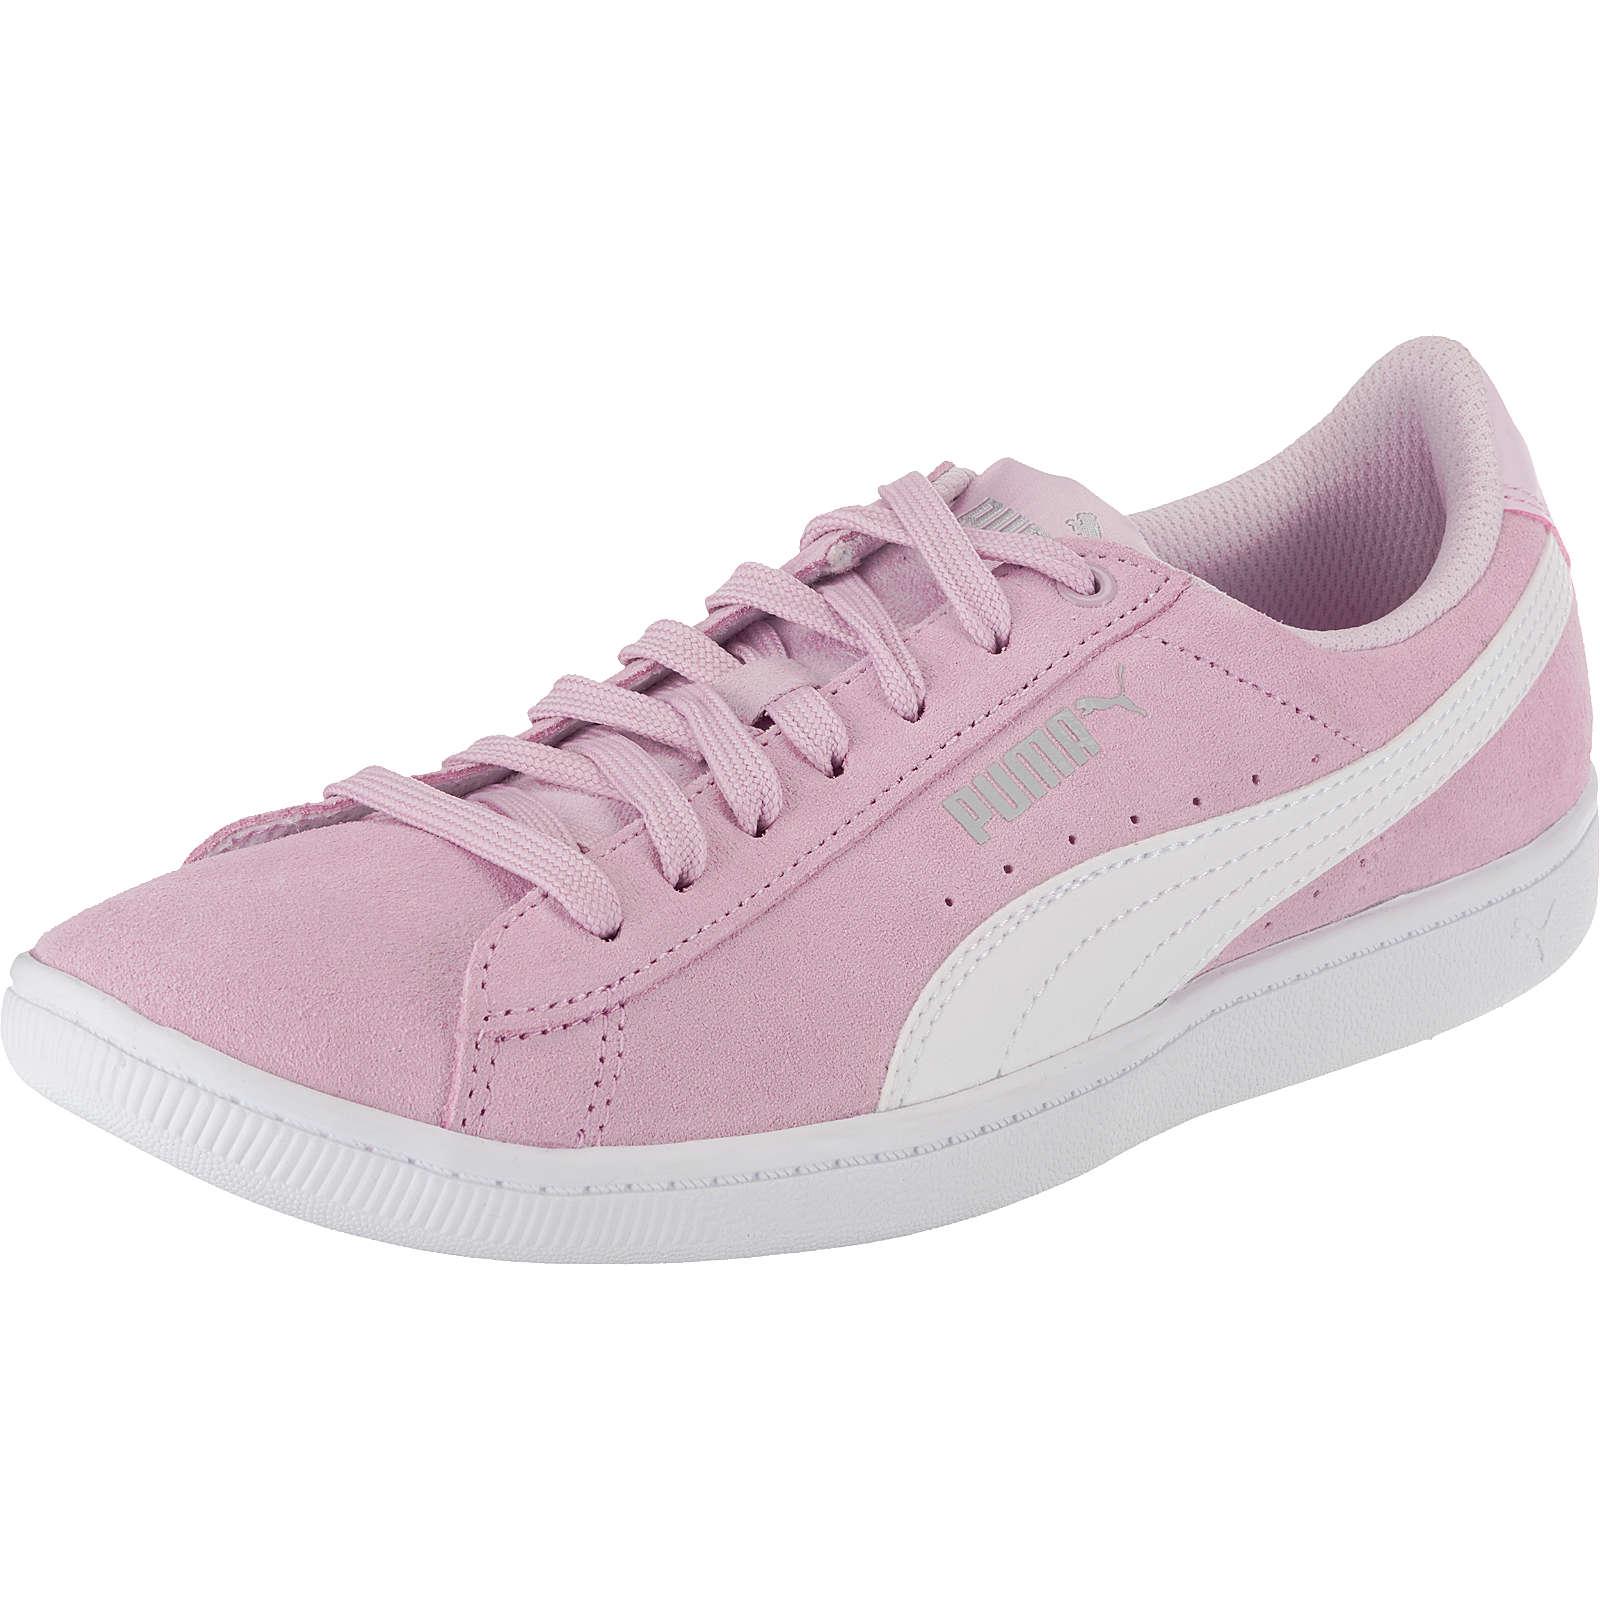 PUMA Sneakers Low rosa Damen Gr. 39